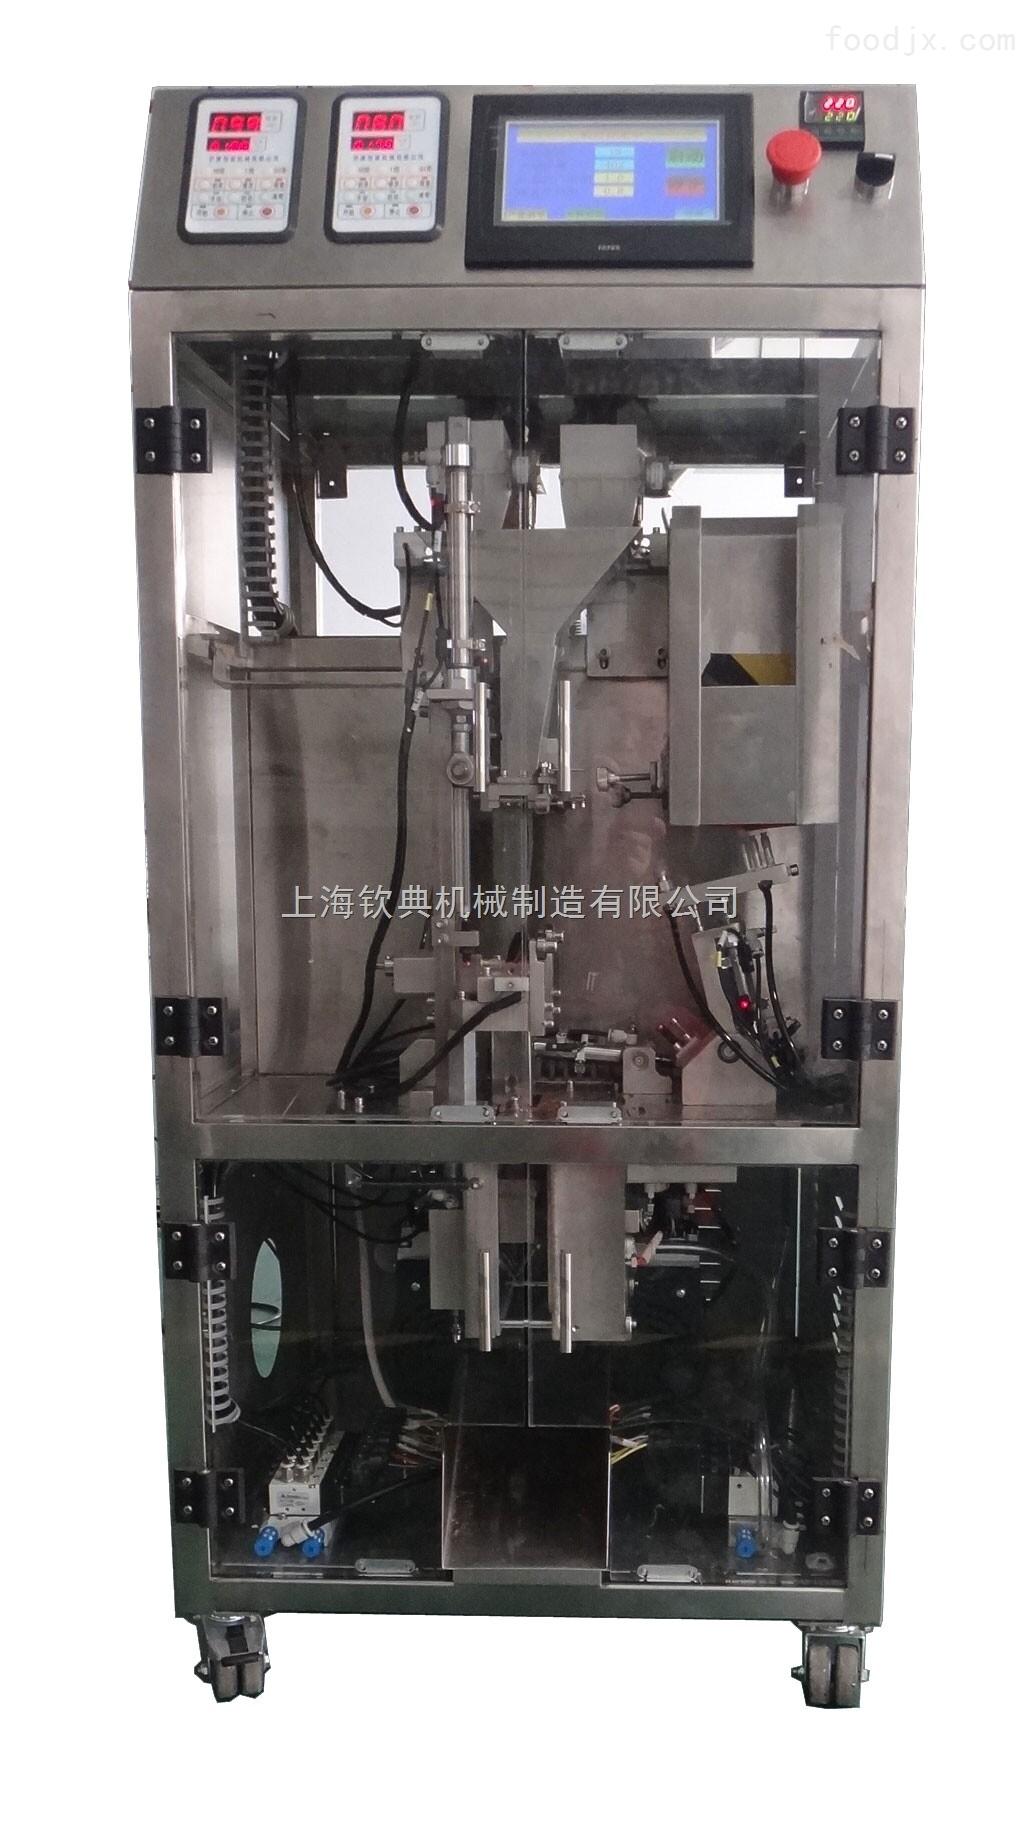 长期供应全自动茶叶包装机 自动真空茶叶包装机 茶叶包装机械